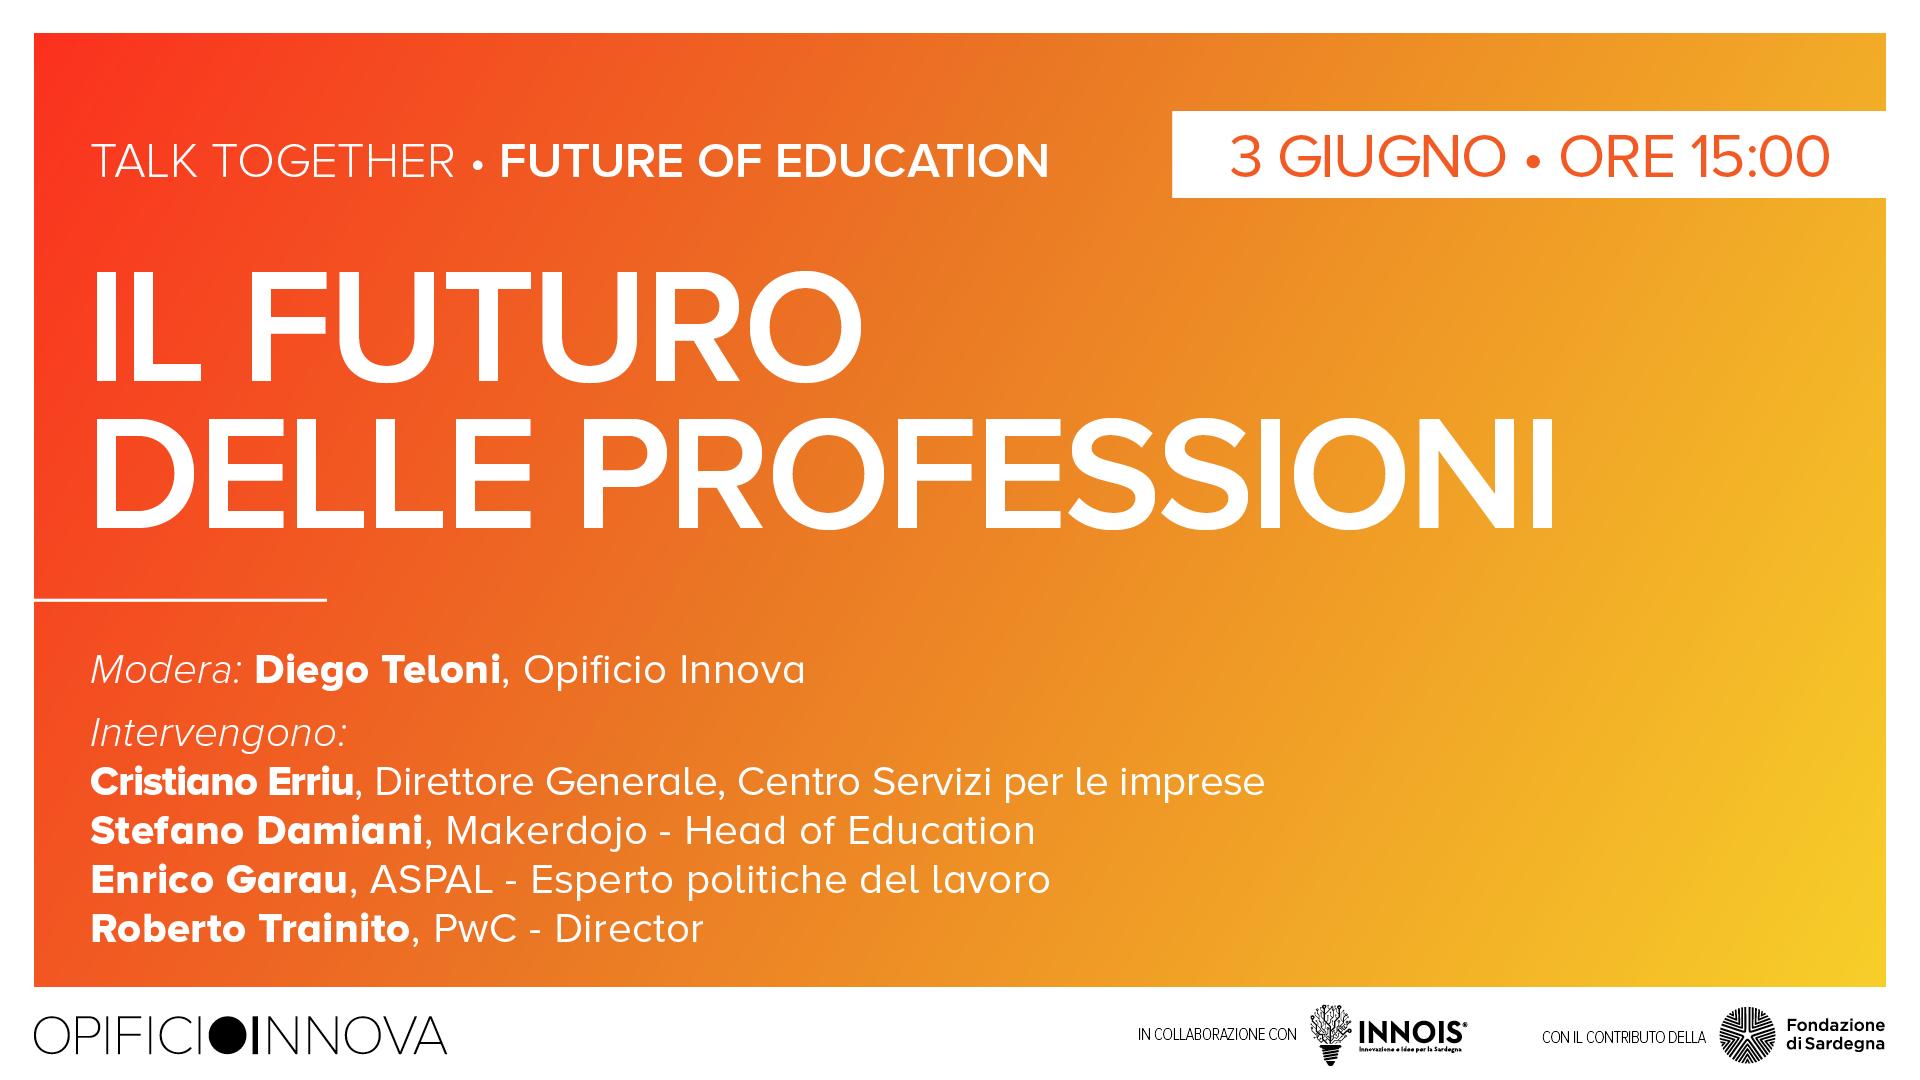 Il futuro delle professioni </br>03-06-2021 ore 15:00